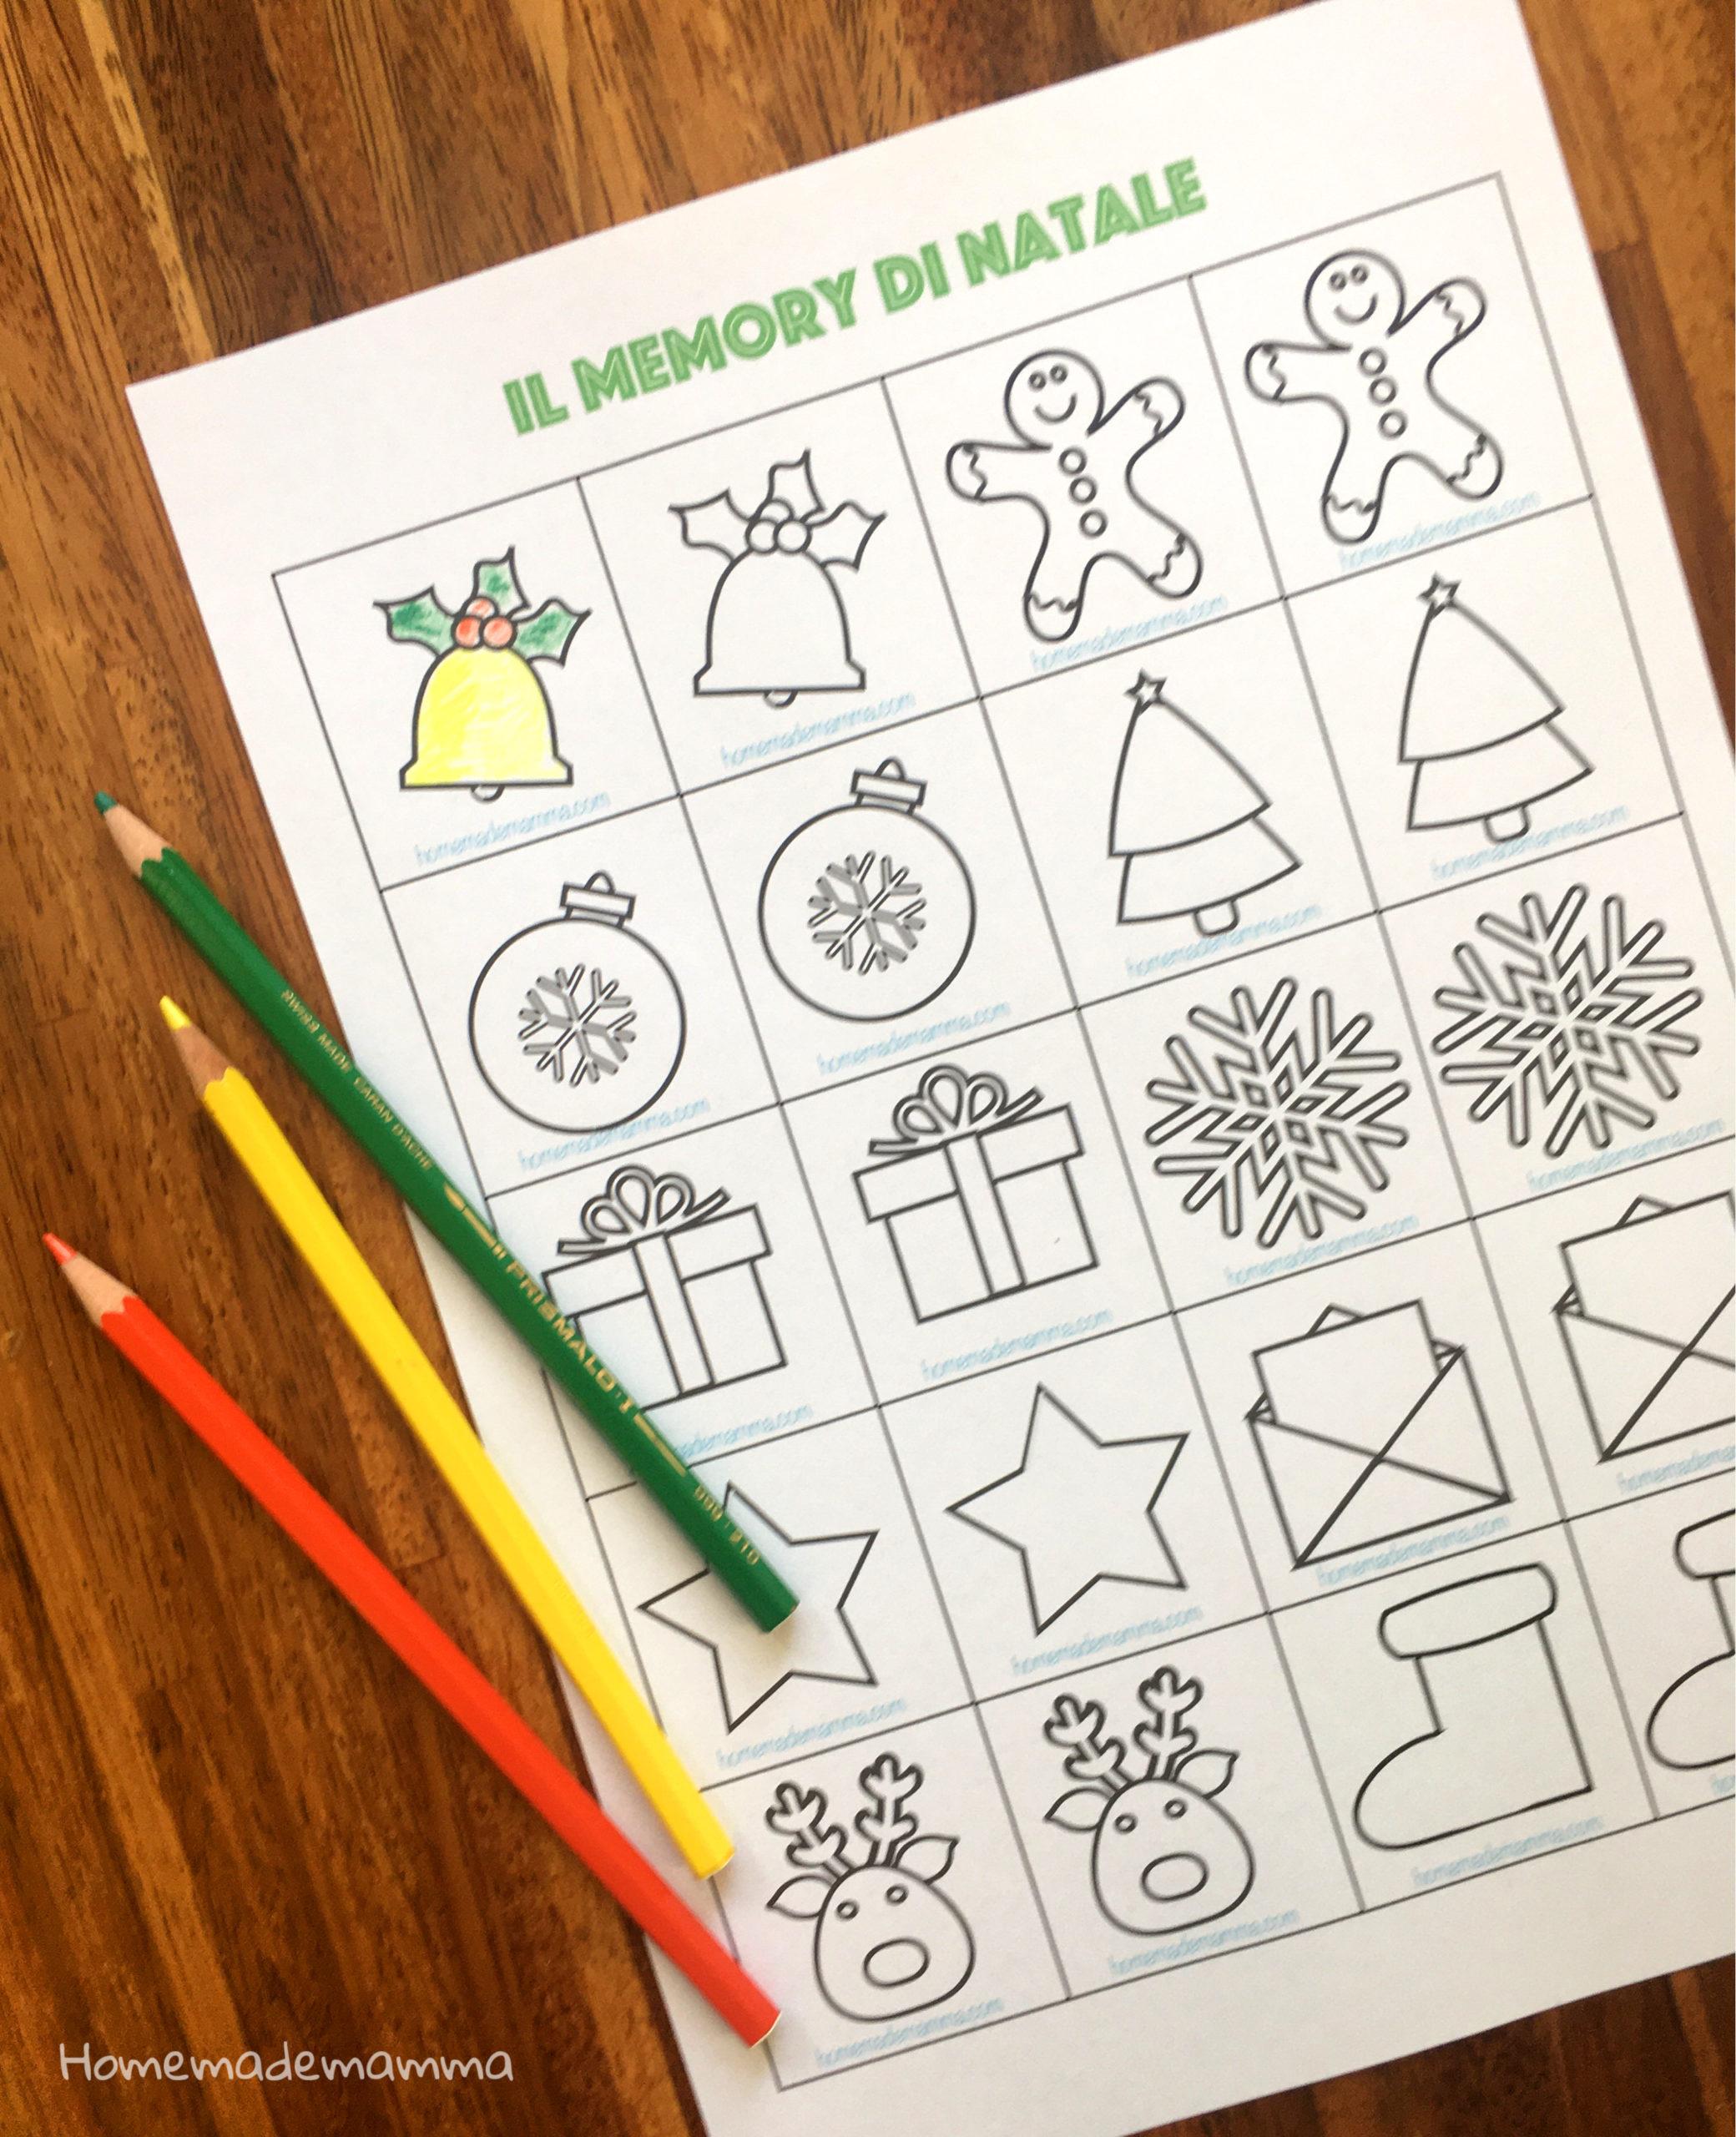 Disegni Di Natale Da Colorare Classe Quinta.Disegni Da Colorare Natale